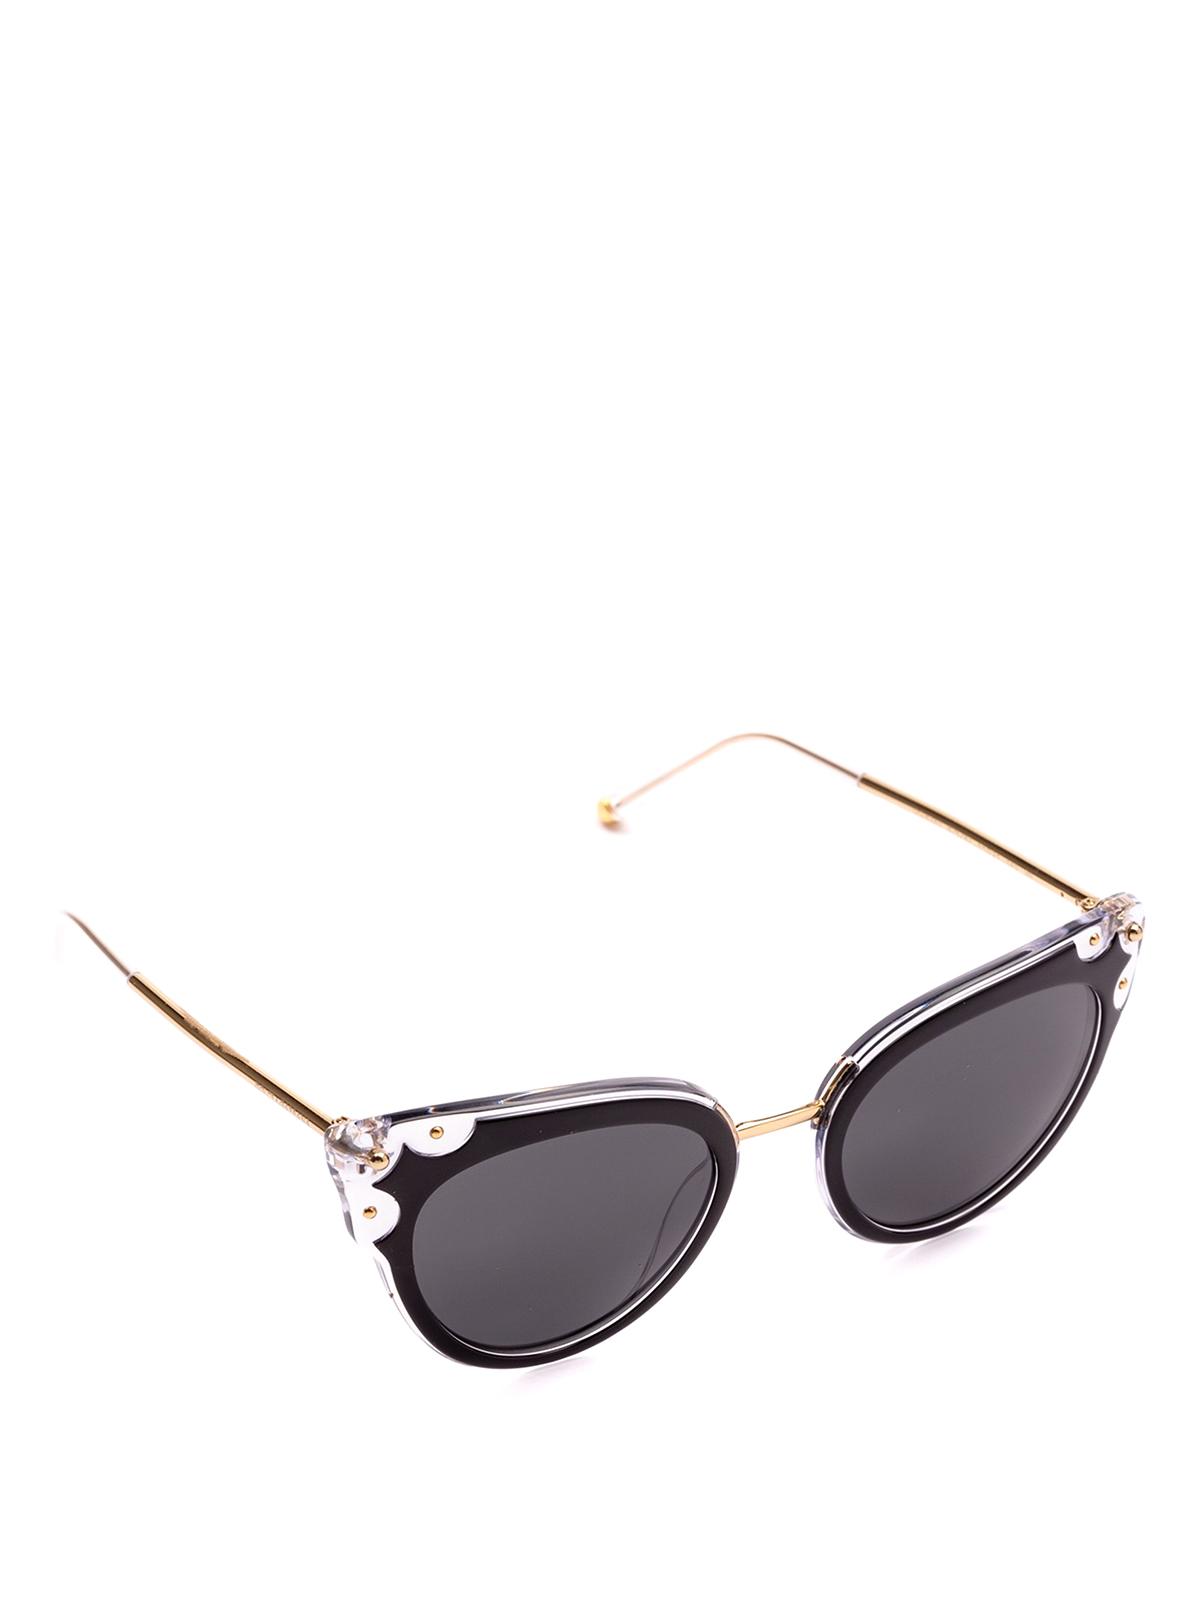 74a64c737ef5fc DOLCE   GABBANA  occhiali da sole - Occhiali a occhi di gatto neri e  trasparenti